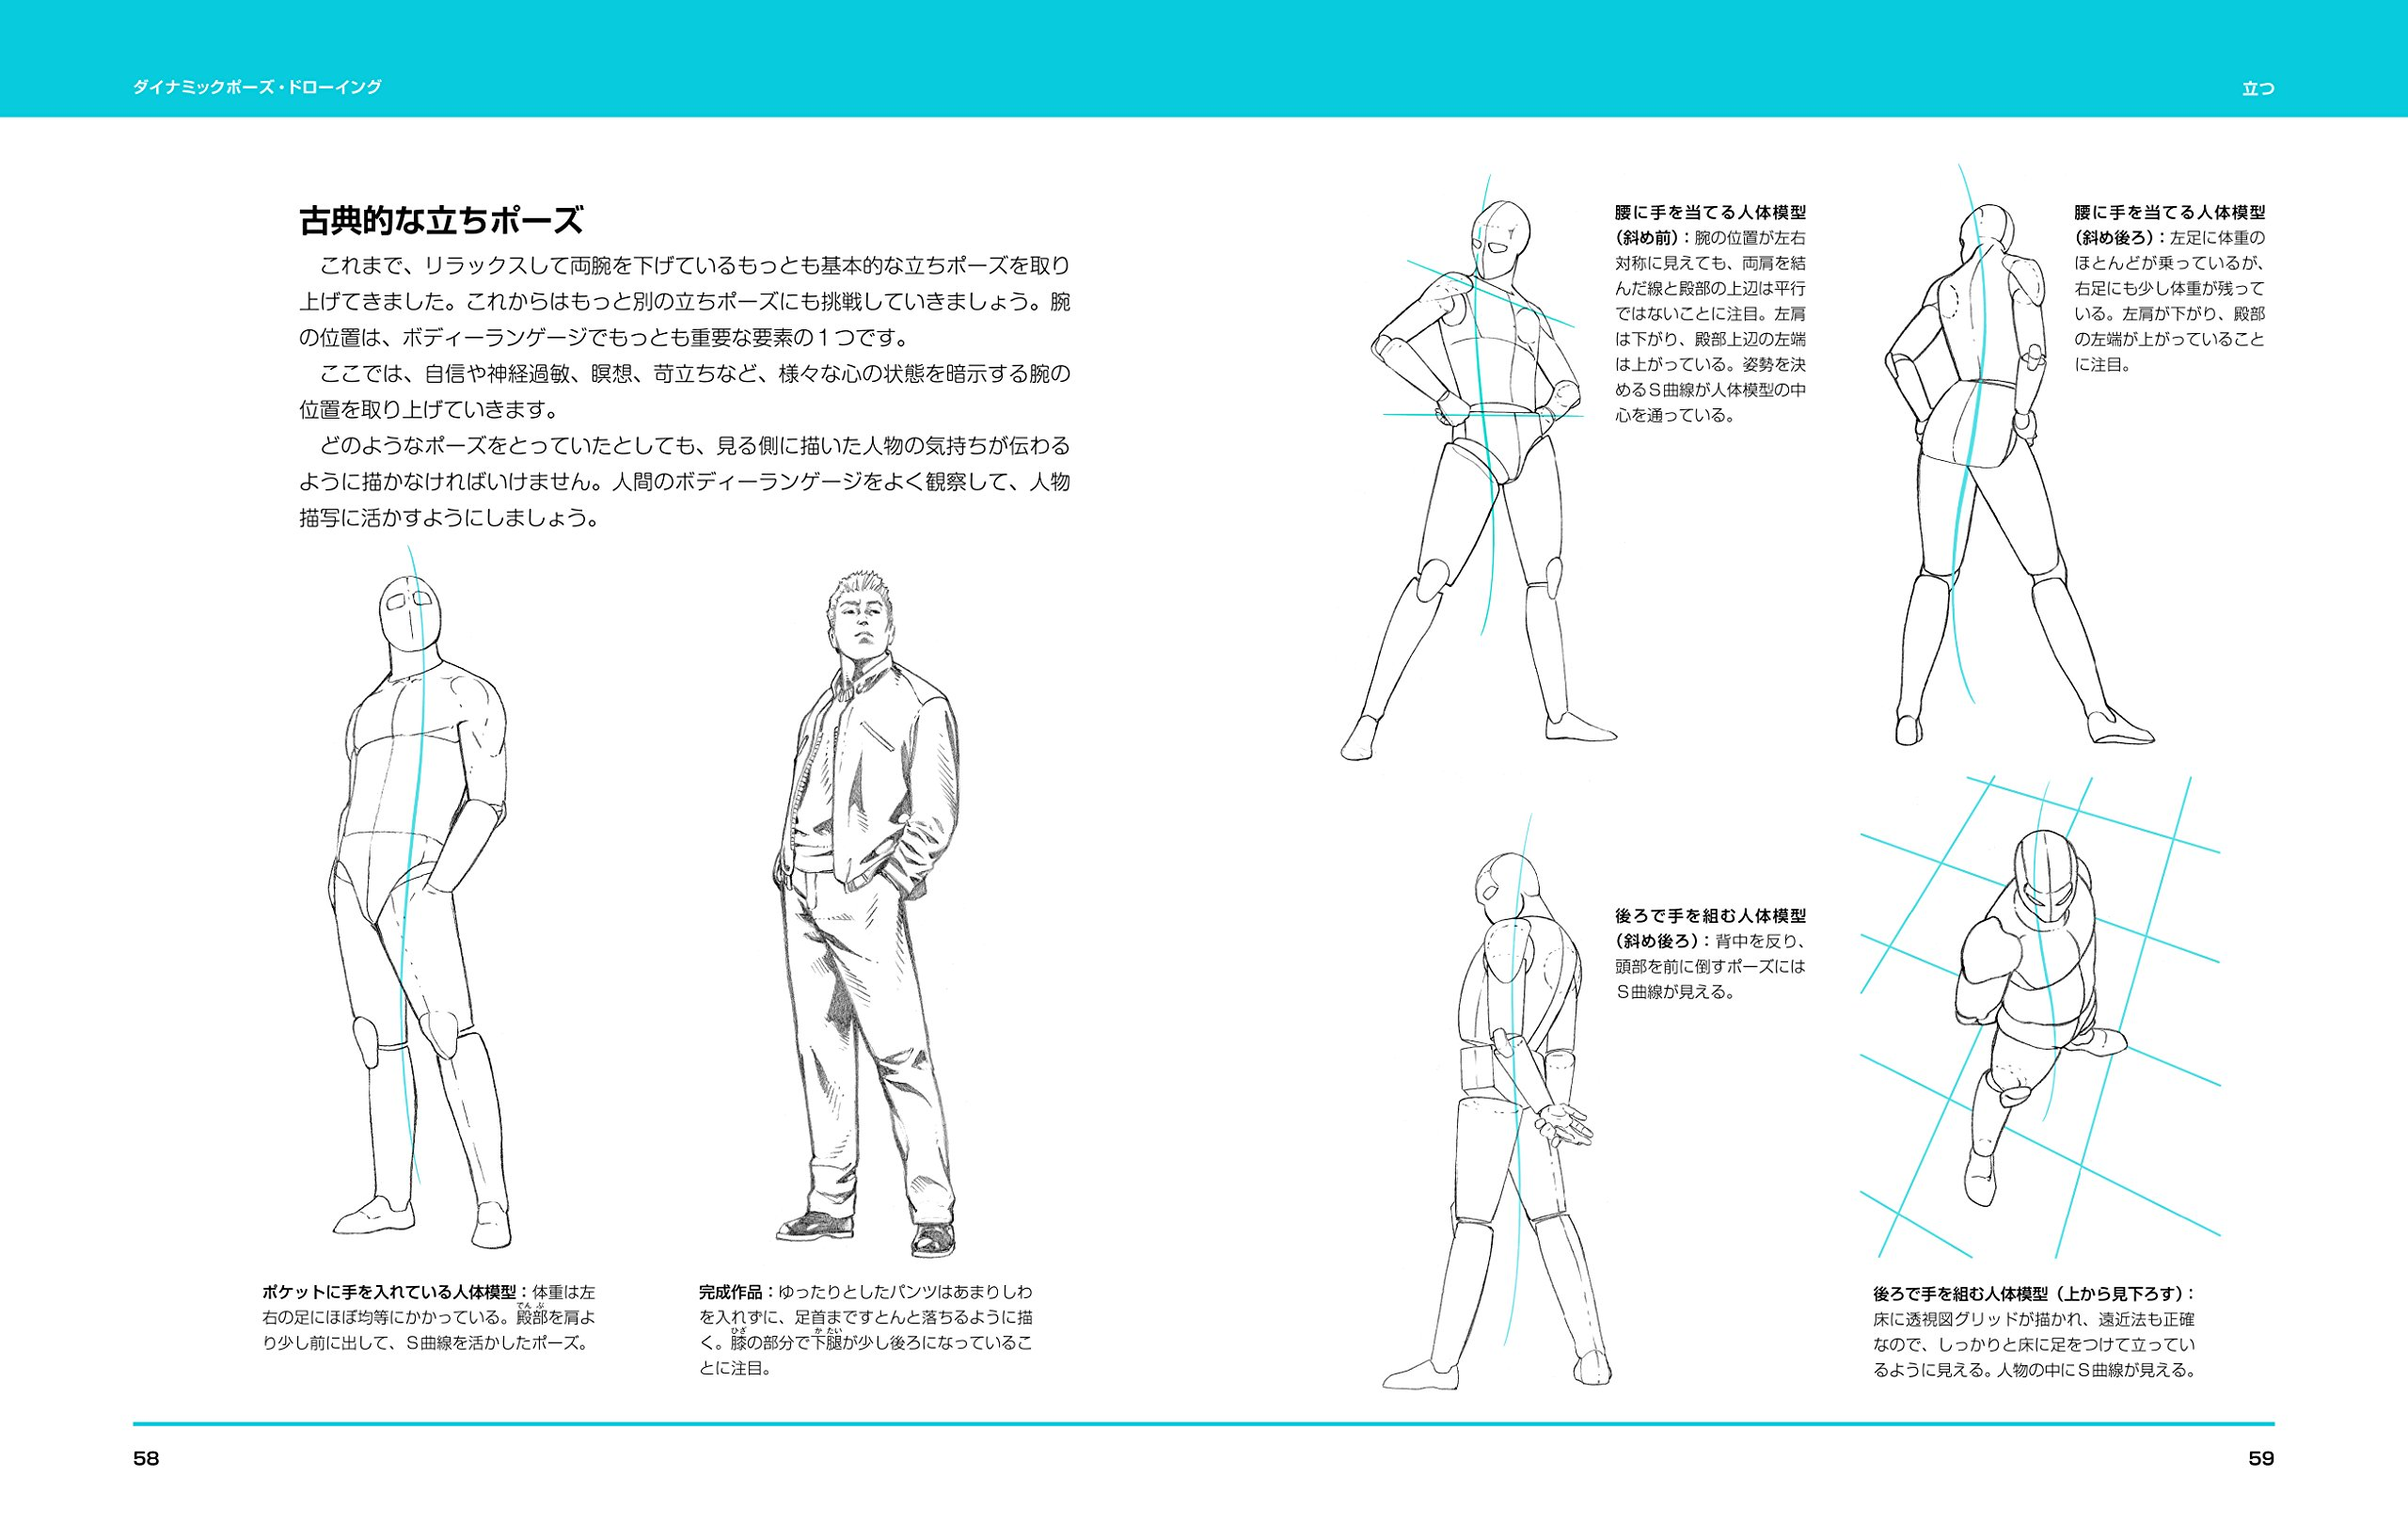 ダイナミックポーズドローイング躍動感のあるキャラクターを描く